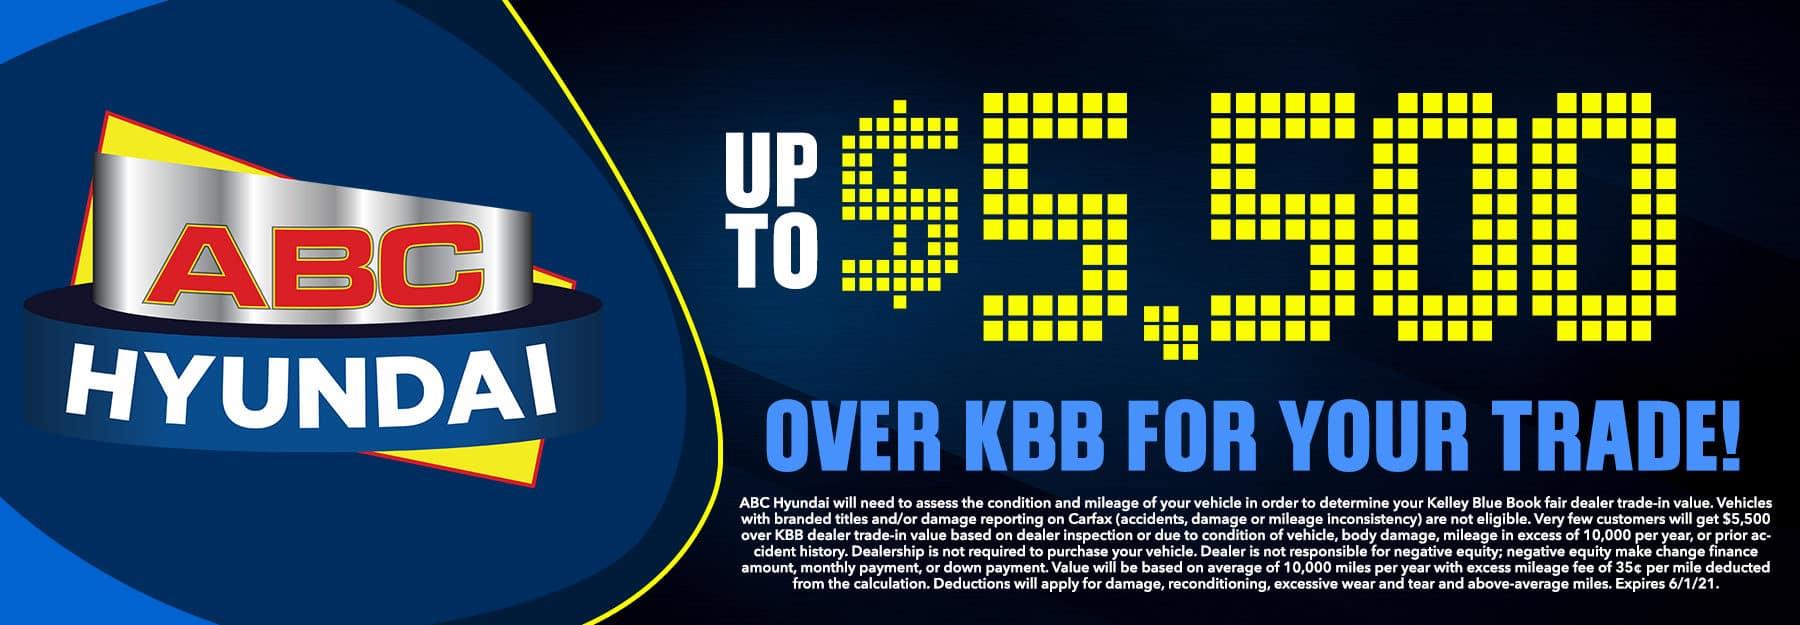 ABC-May2021-V2-KBB